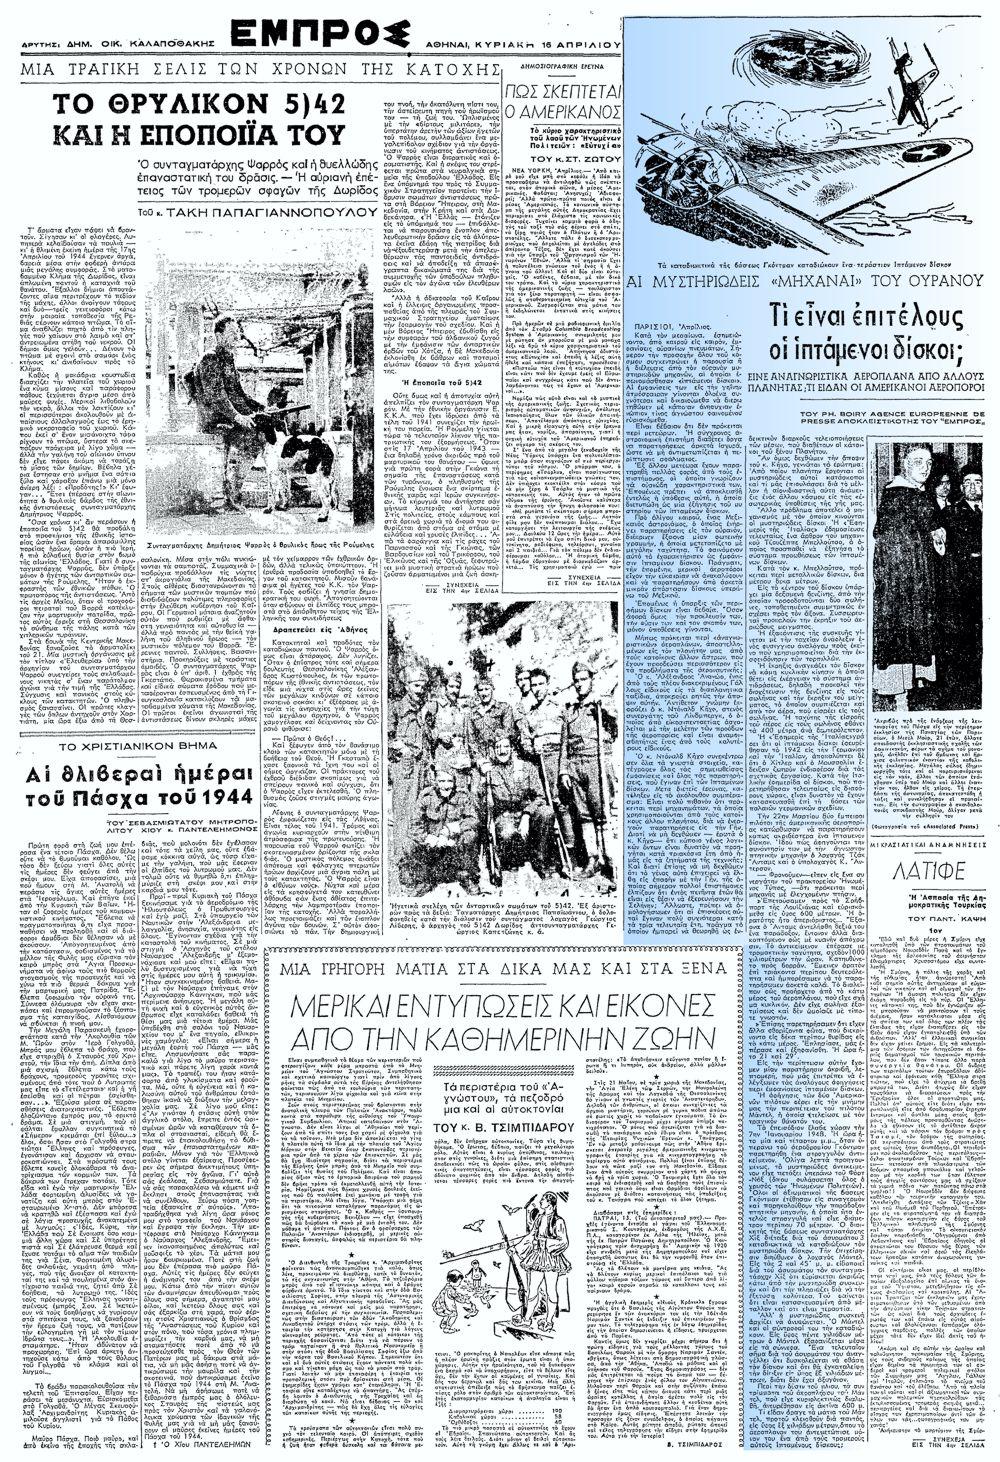 """Το άρθρο, όπως δημοσιεύθηκε στην εφημερίδα """"ΕΜΠΡΟΣ"""", στις 16/04/1950"""